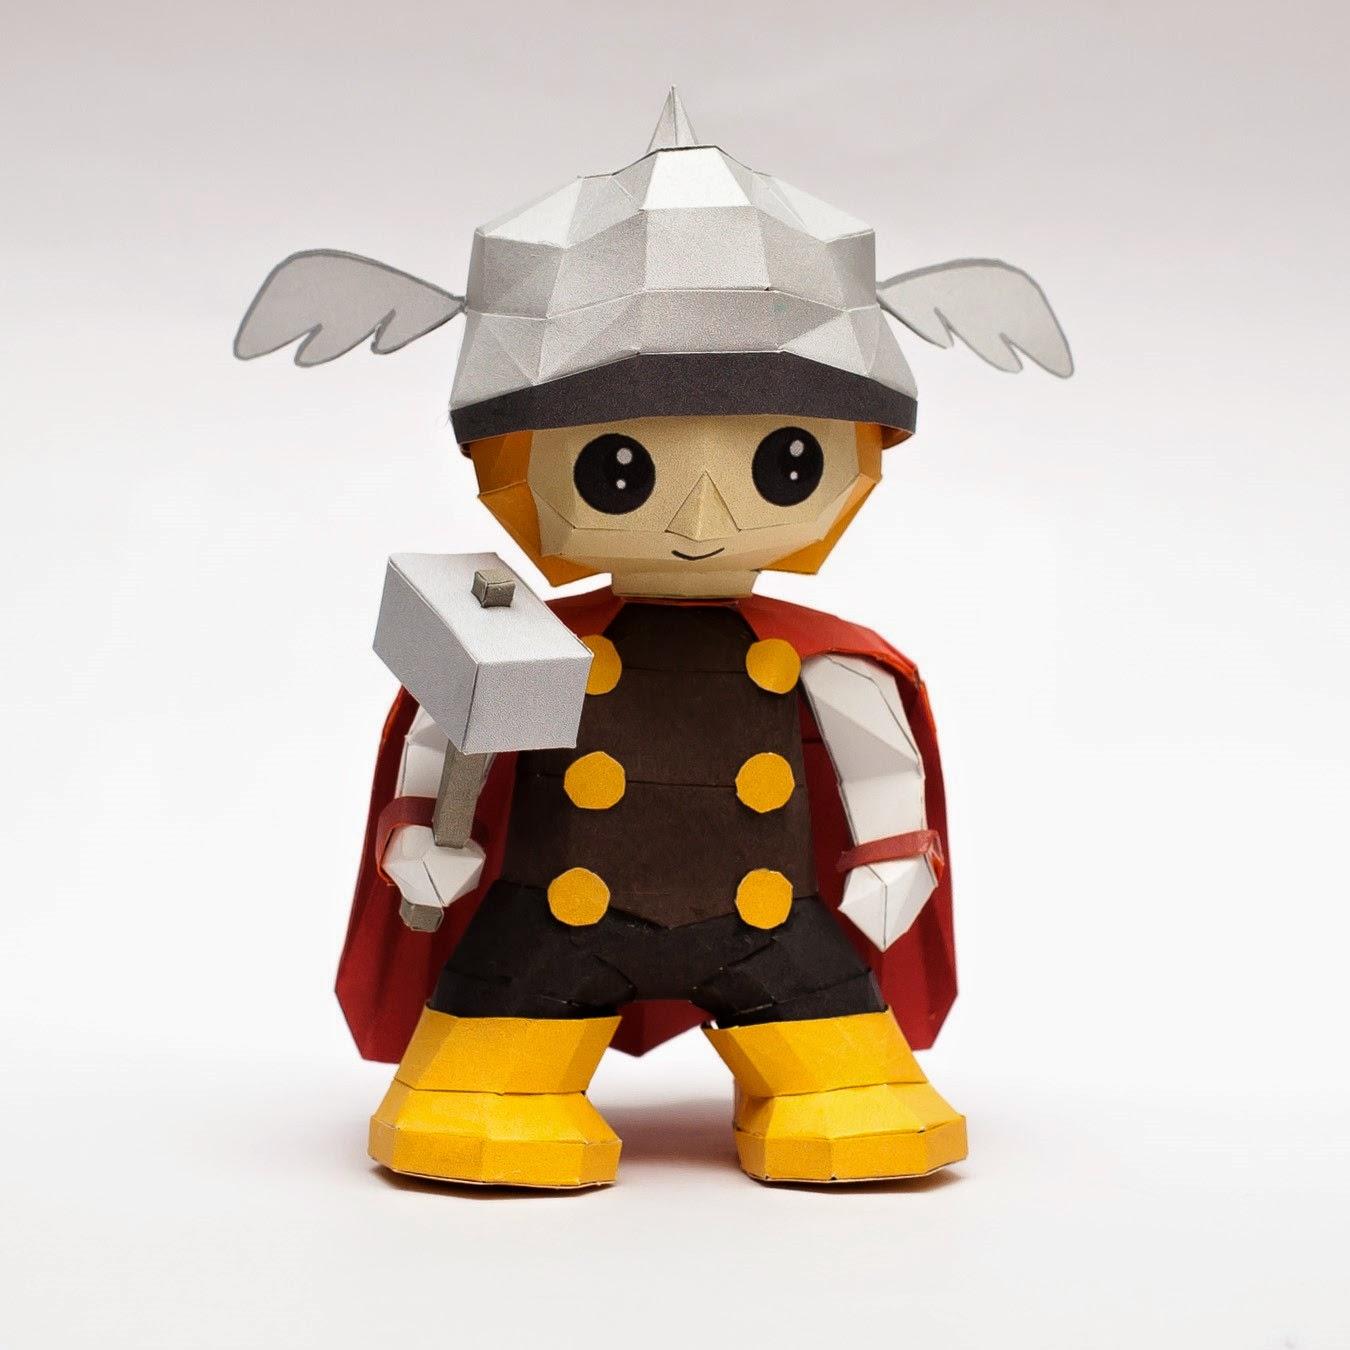 Chibi Mini Thor Papercraft Model